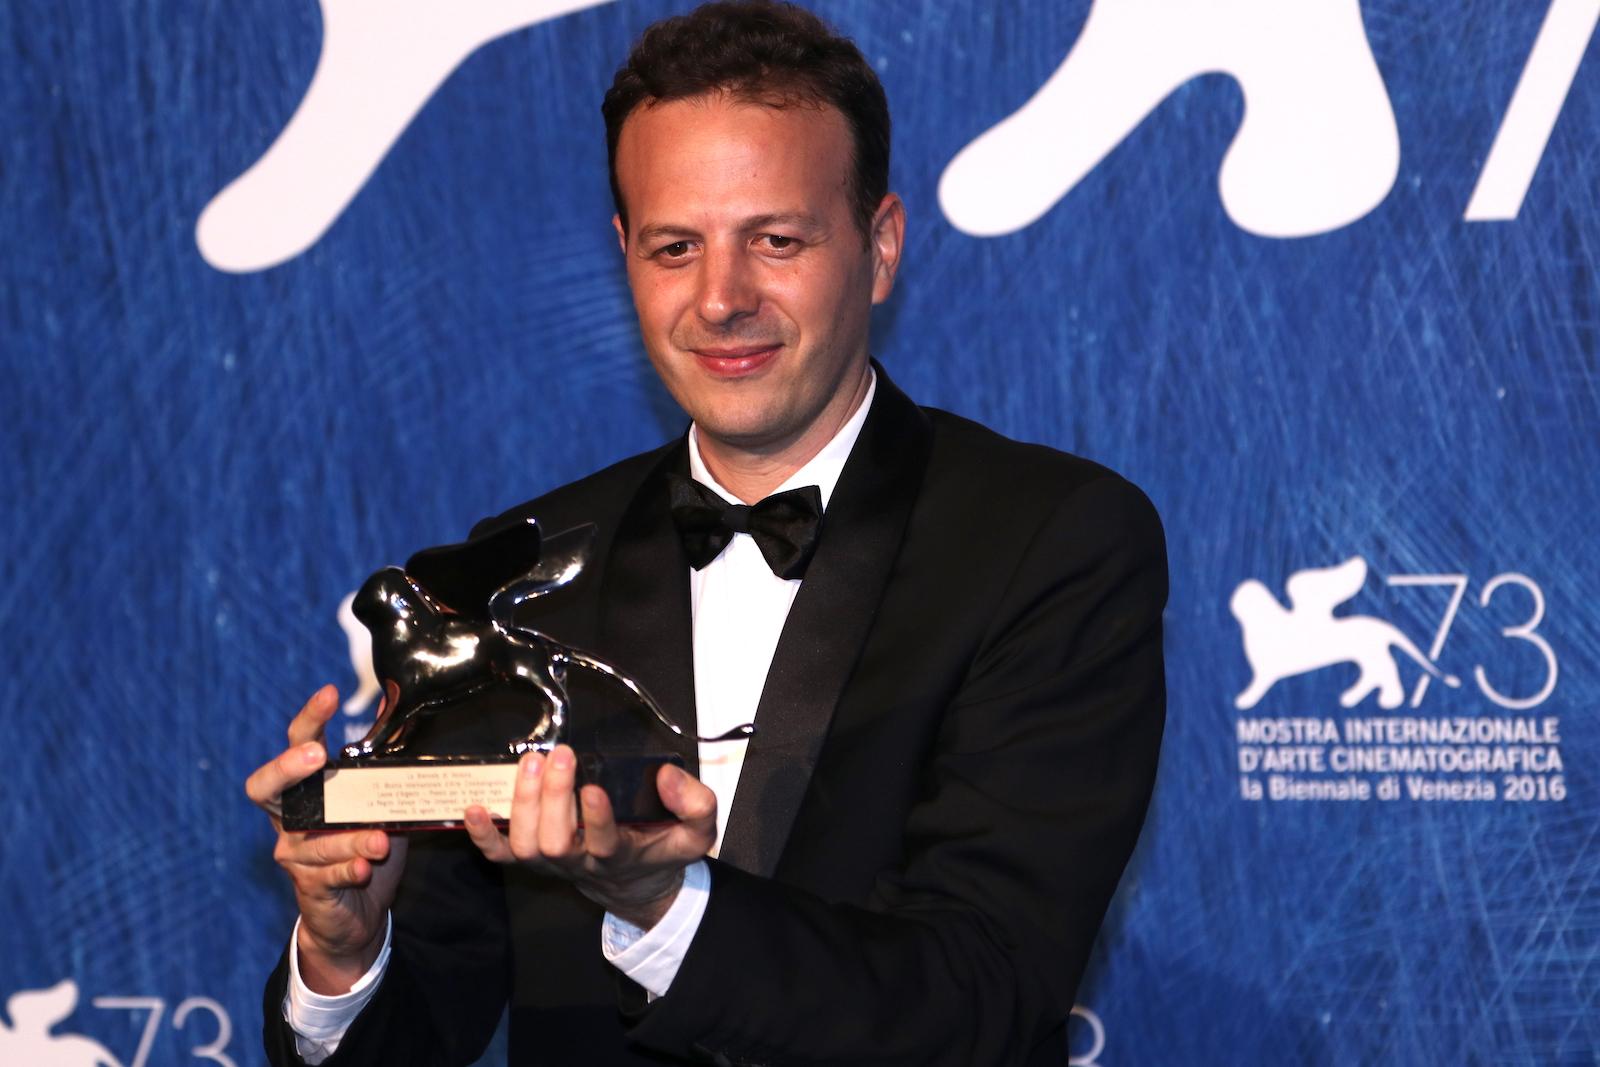 Venezia 2016: Amat Escalante al photocall dei premiati